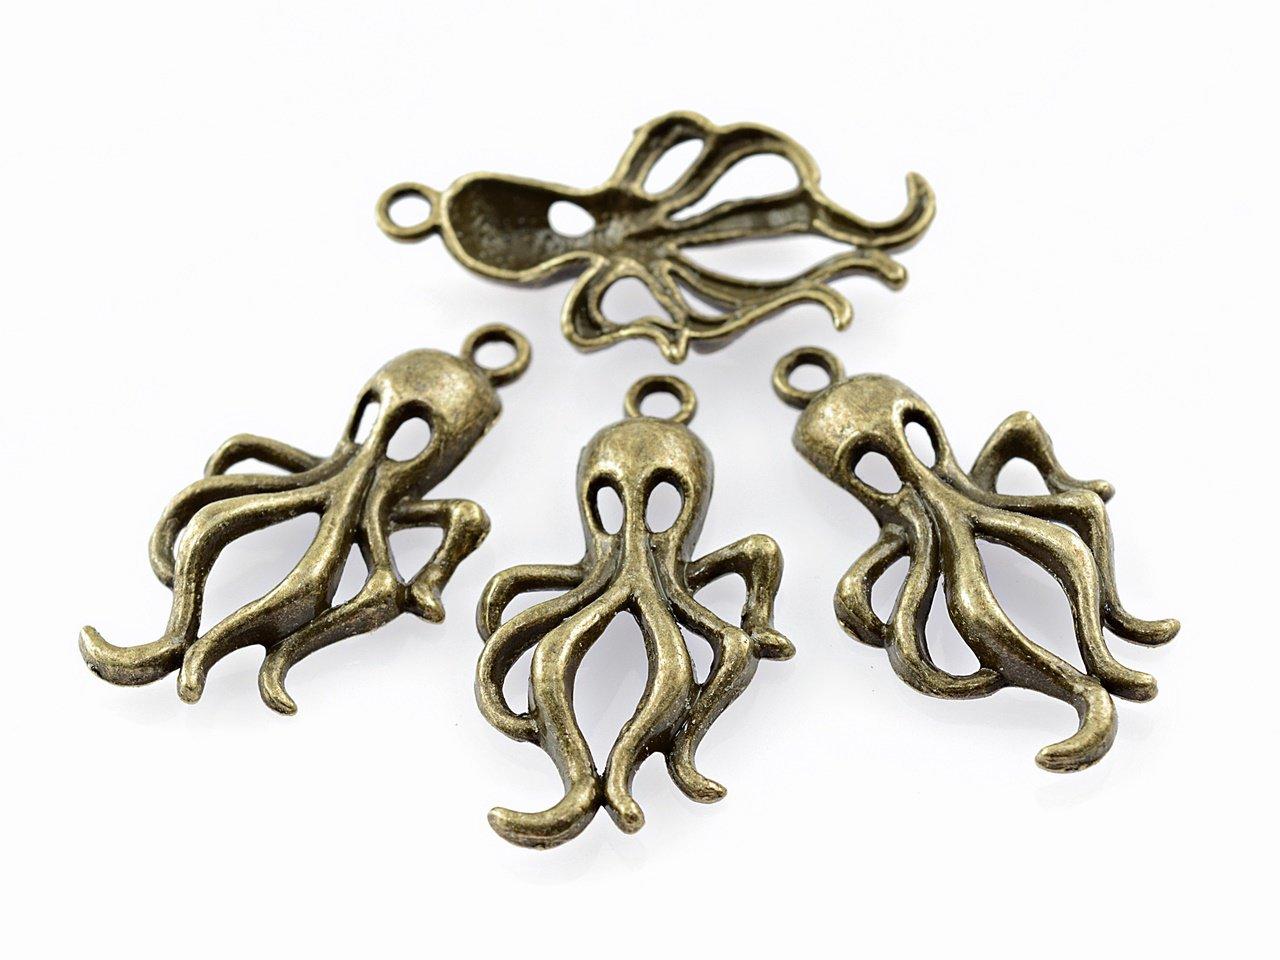 4 anh nger als octopus krake in antik bronze vintage parts. Black Bedroom Furniture Sets. Home Design Ideas